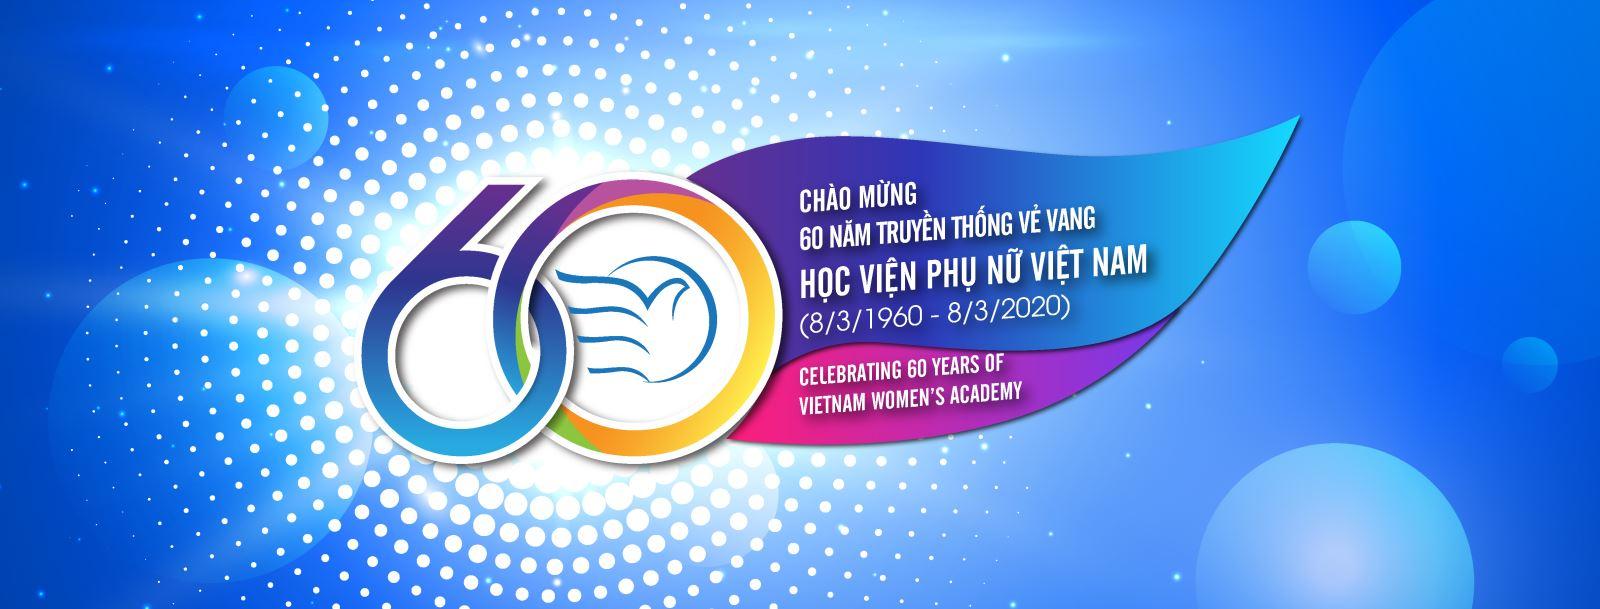 Sứ mệnh và giá trị cốt lõi của Học viện Phụ nữ Việt Nam